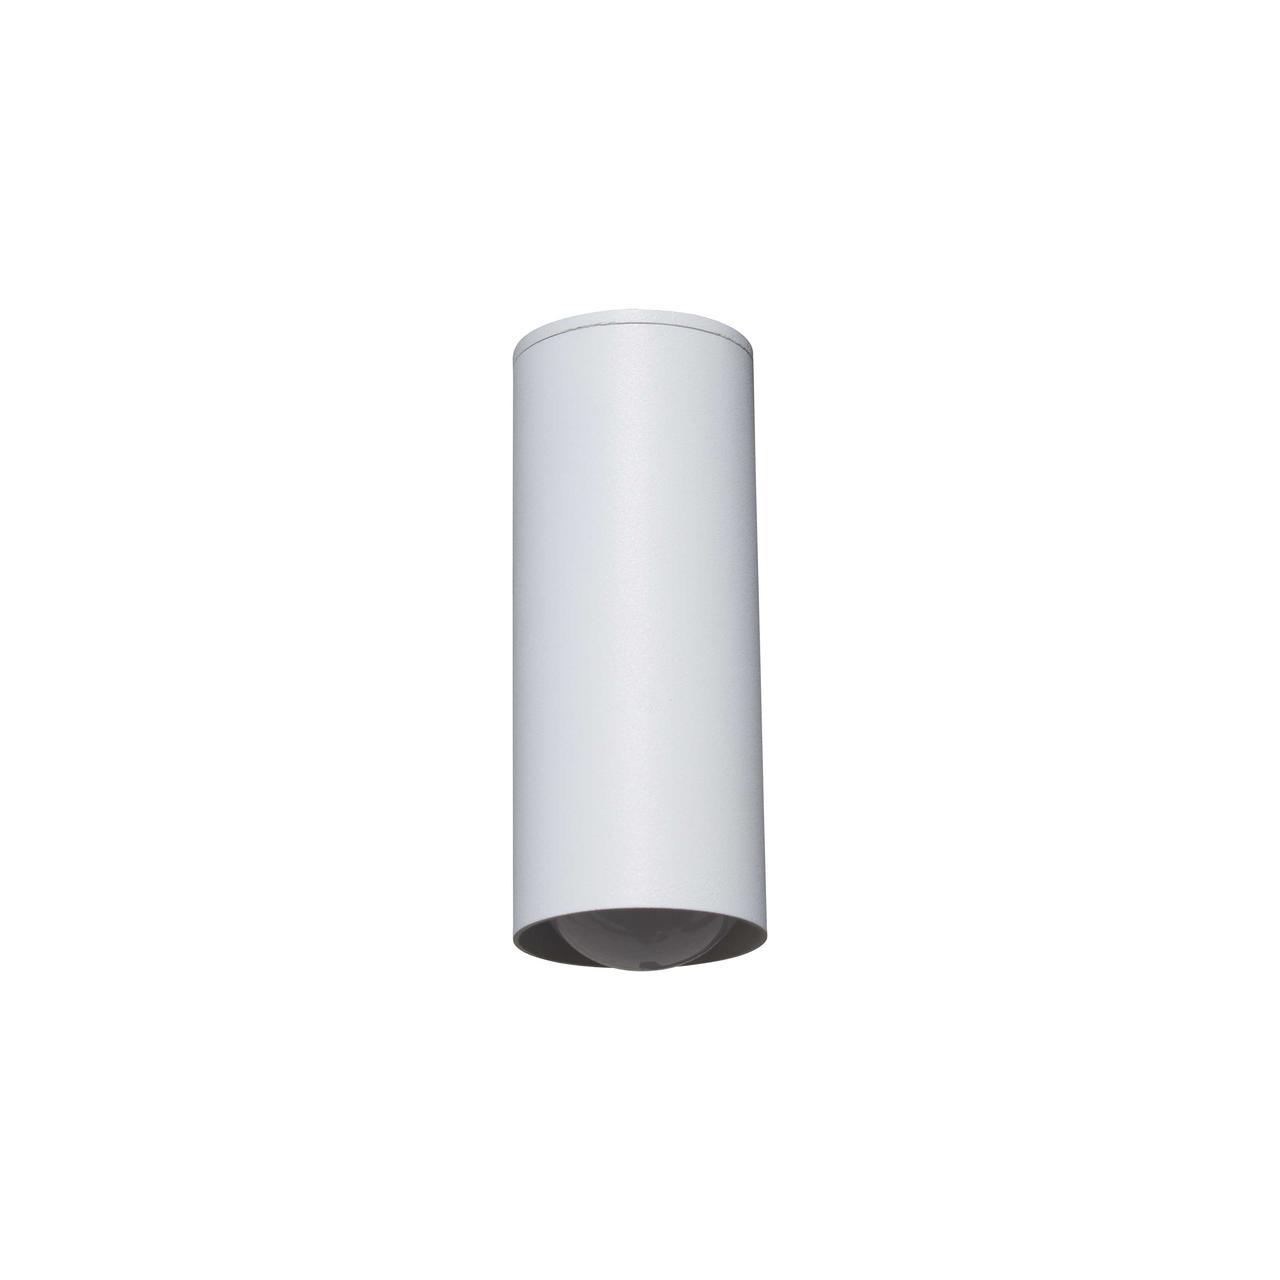 Светильник потолочный  Трубка  NL 1205 W